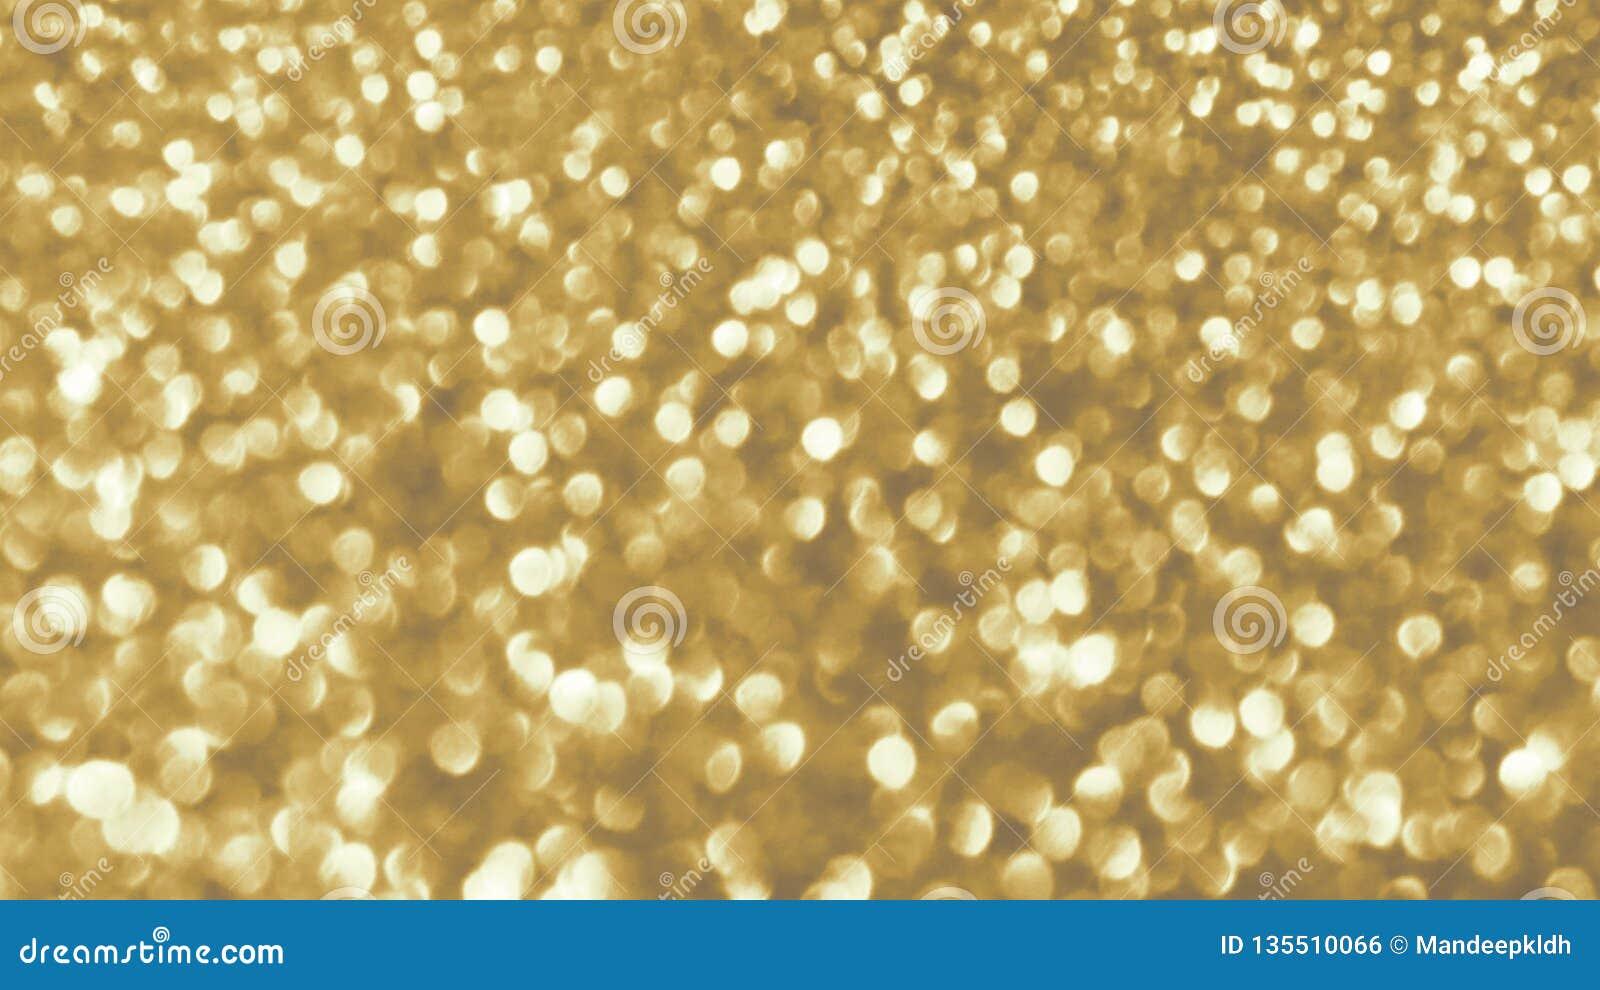 Cartão festivo brilhante dourado do ano novo Fundo de incandescência com estilo do bokeh para cumprimentos sazonais